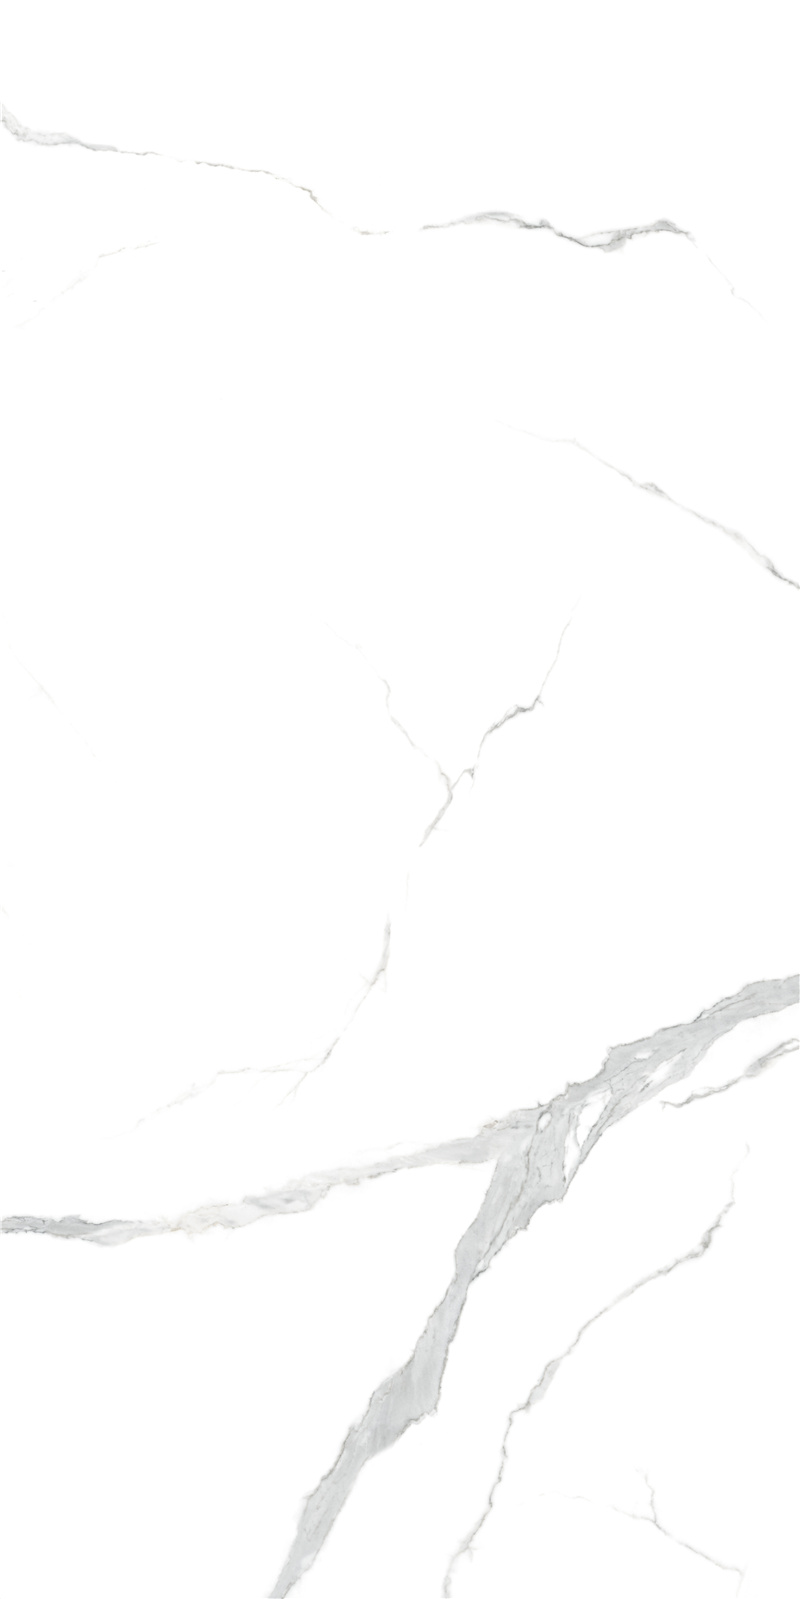 澳门新萄京手机版网址-9-HPG2412A019月映石